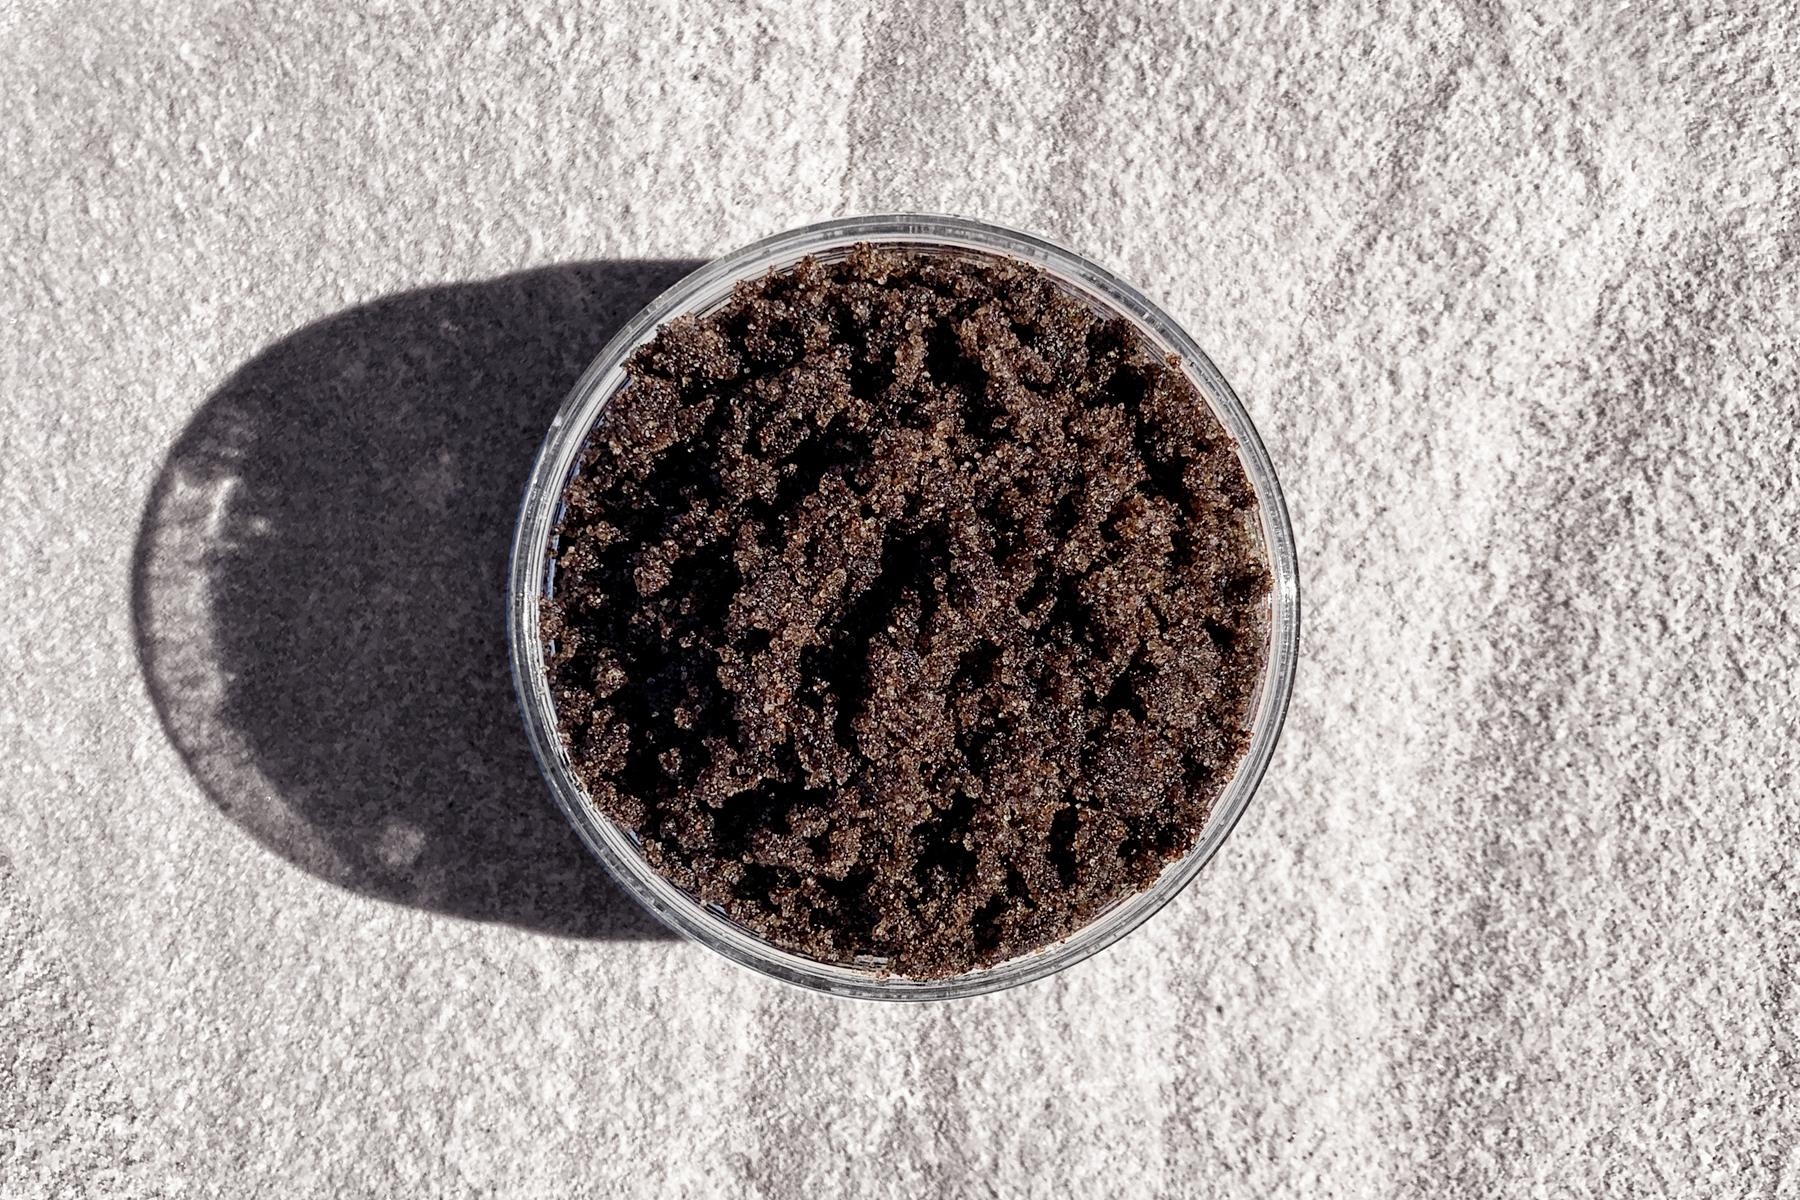 coffee scrub - 2in1 firming coffee body scrub & mask